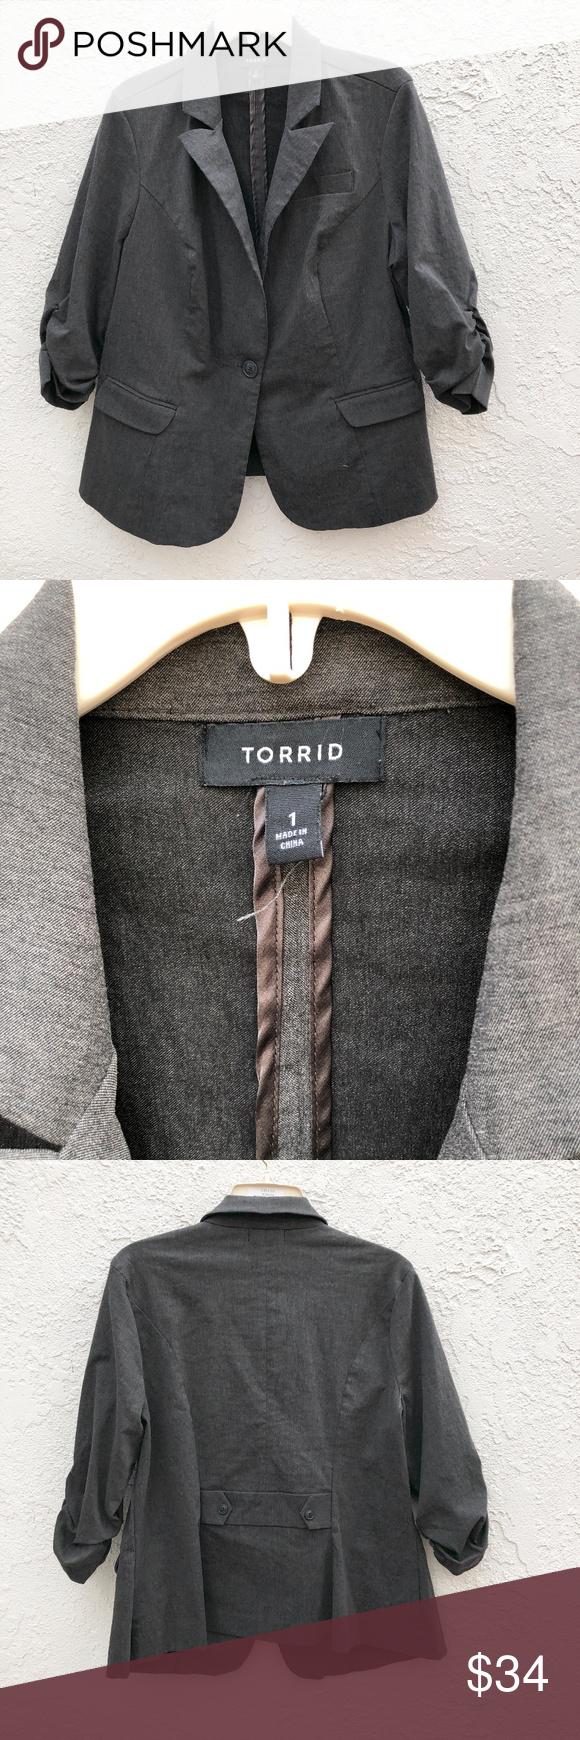 72a8bdfefb0 Torrid Grey Blazer Cinched 3 4 Sleeve Size 1 Torrid Grey Blazer Cinched 3